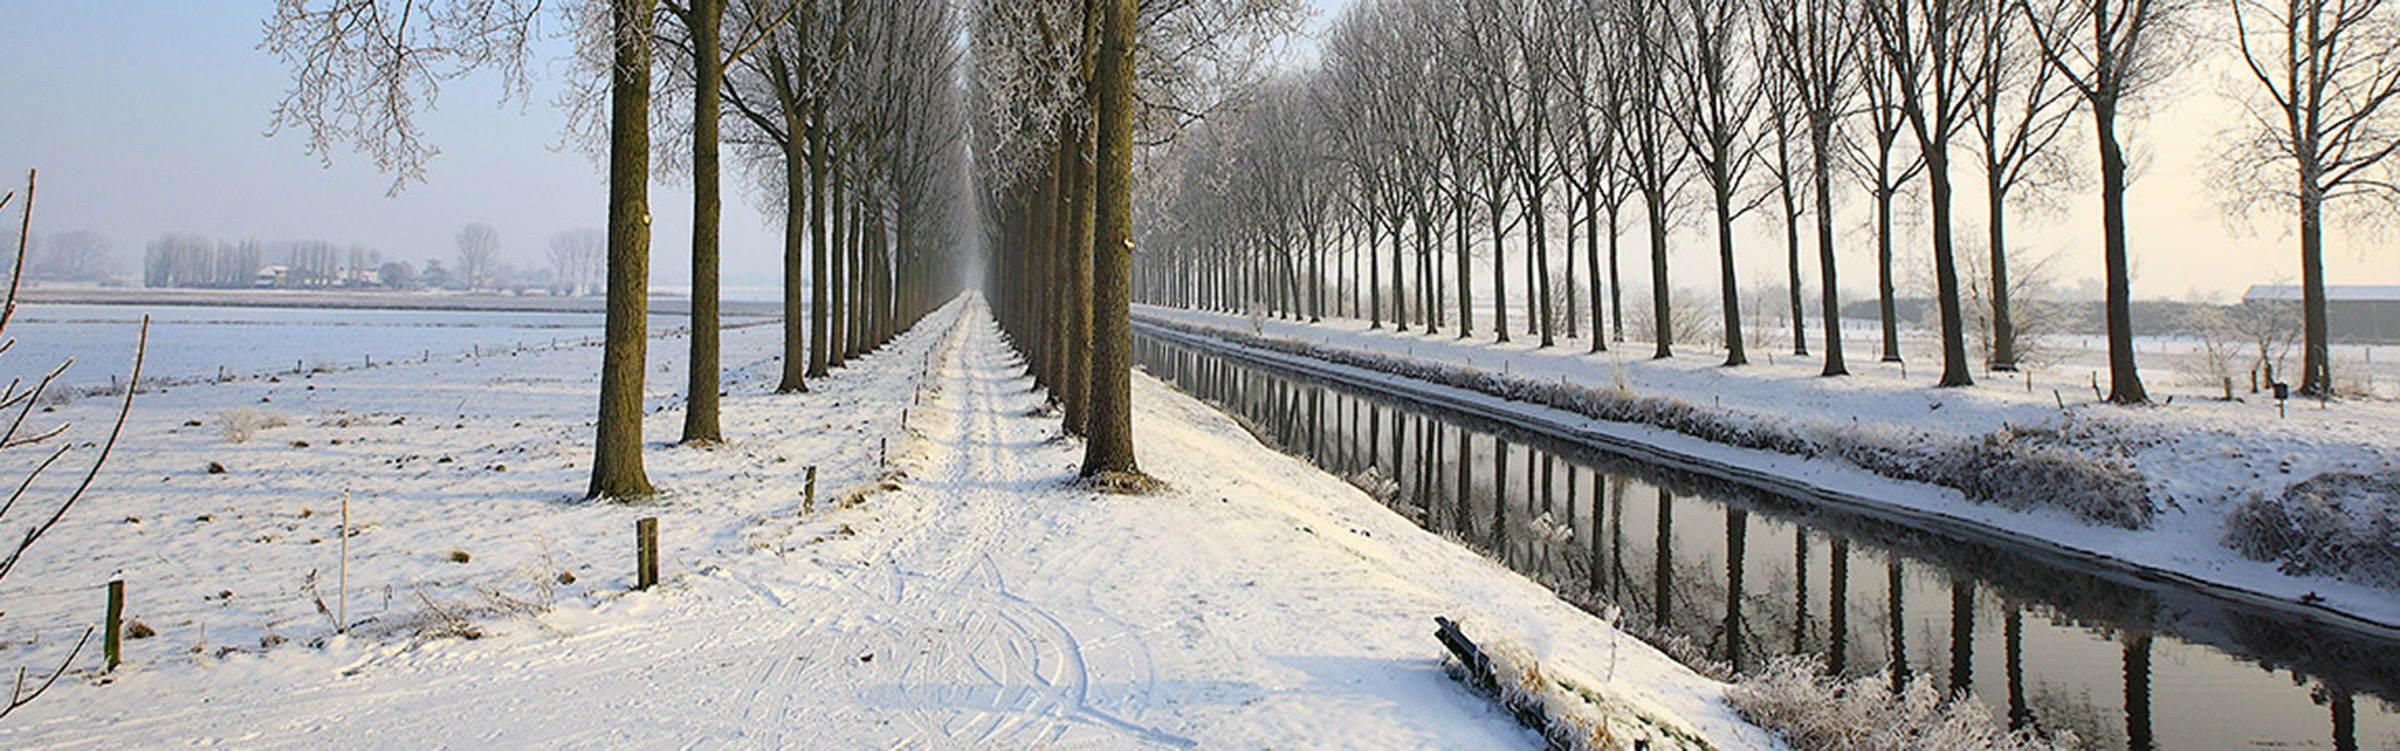 Winter algemeen